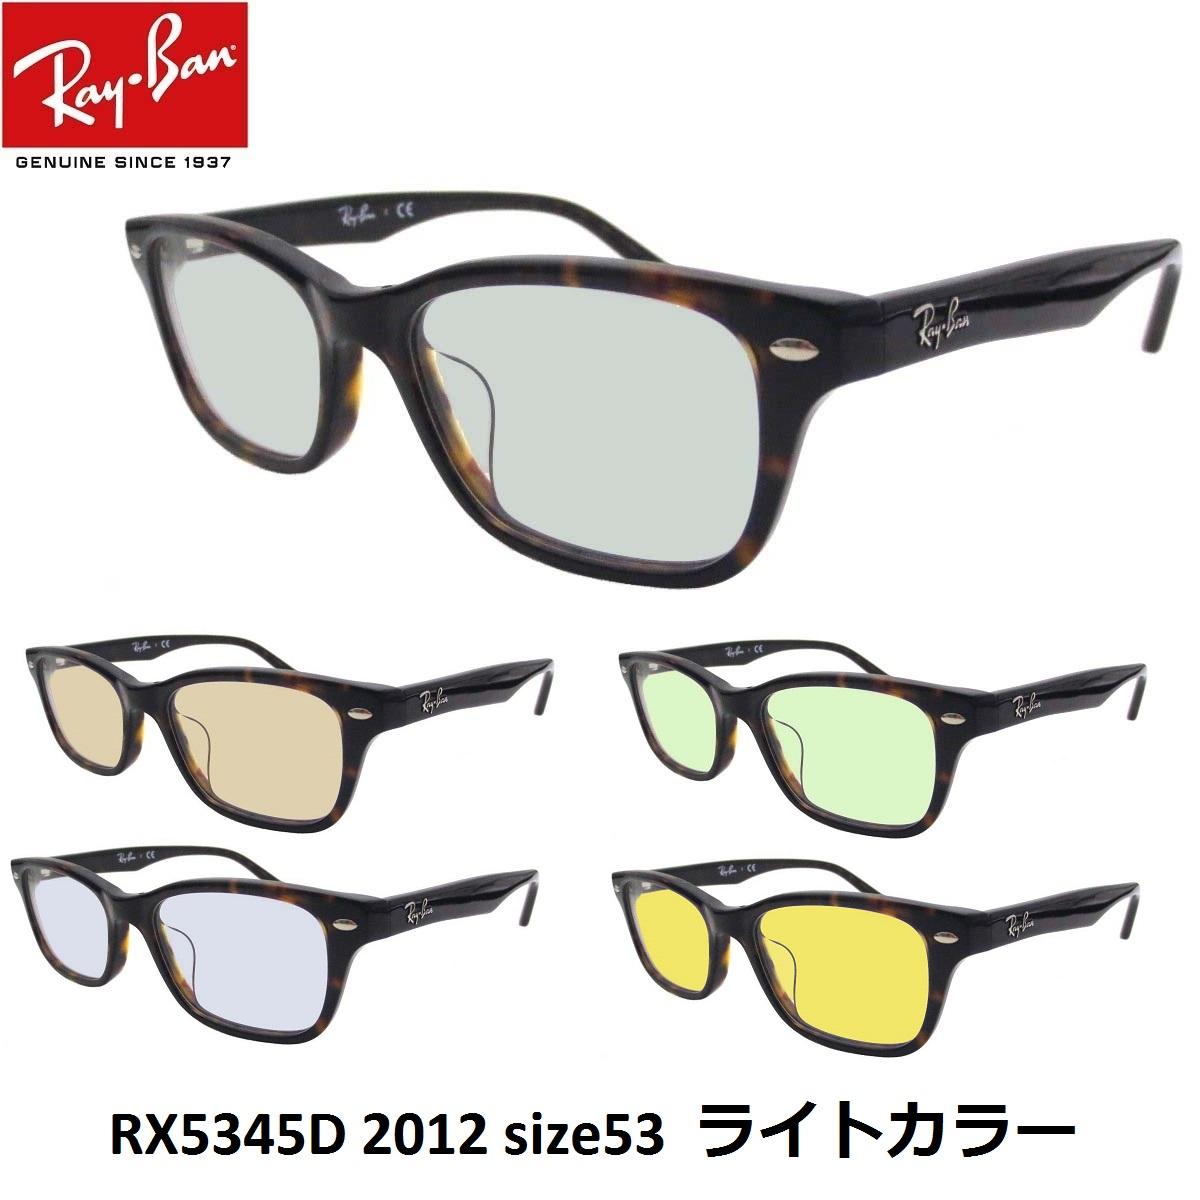 b1631f88d150 レイバンサングラスライトカラーRay-BanRX5345D2012(size53)アジアンフィットセルフレームメンズレディース ...